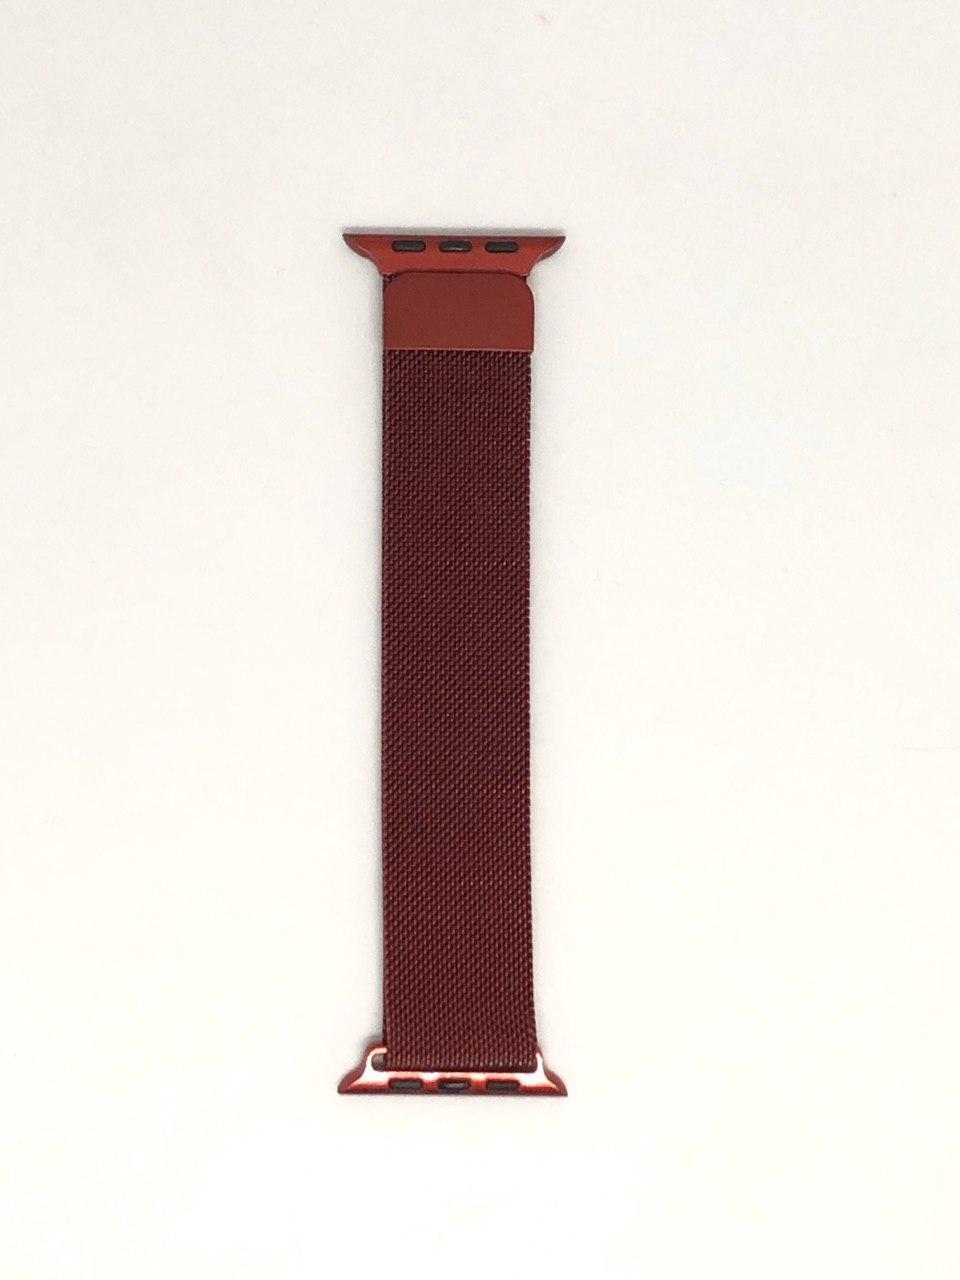 Миланская петля Apple watch 38/40 mm - №14, ремешок, металлический